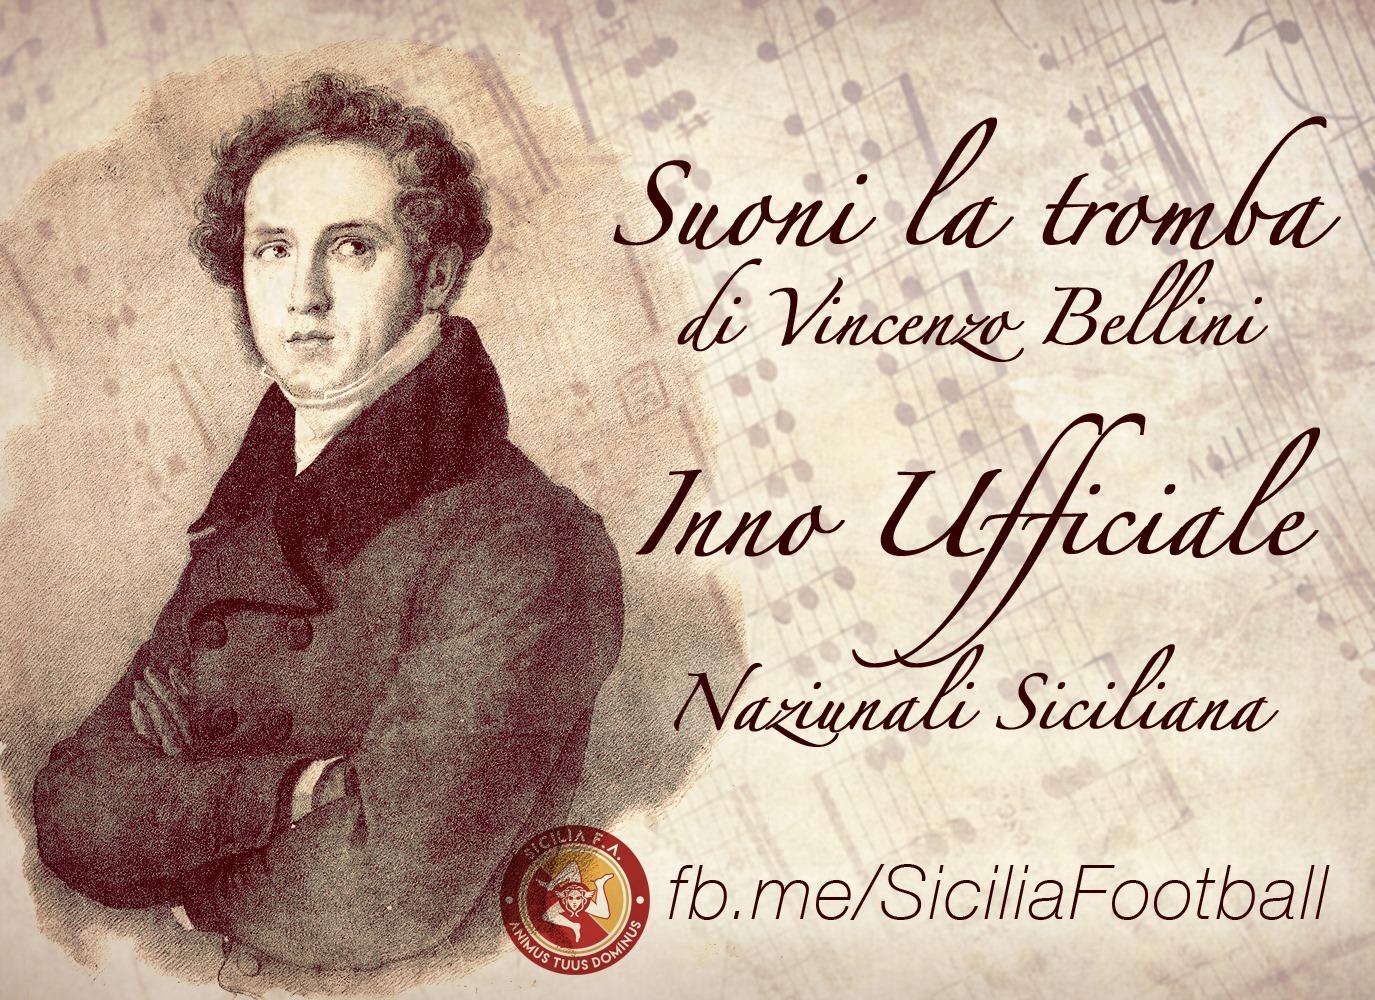 """Nazionale Siciliana: """"Suoni la tromba"""" di Bellini é l'inno ufficiale"""